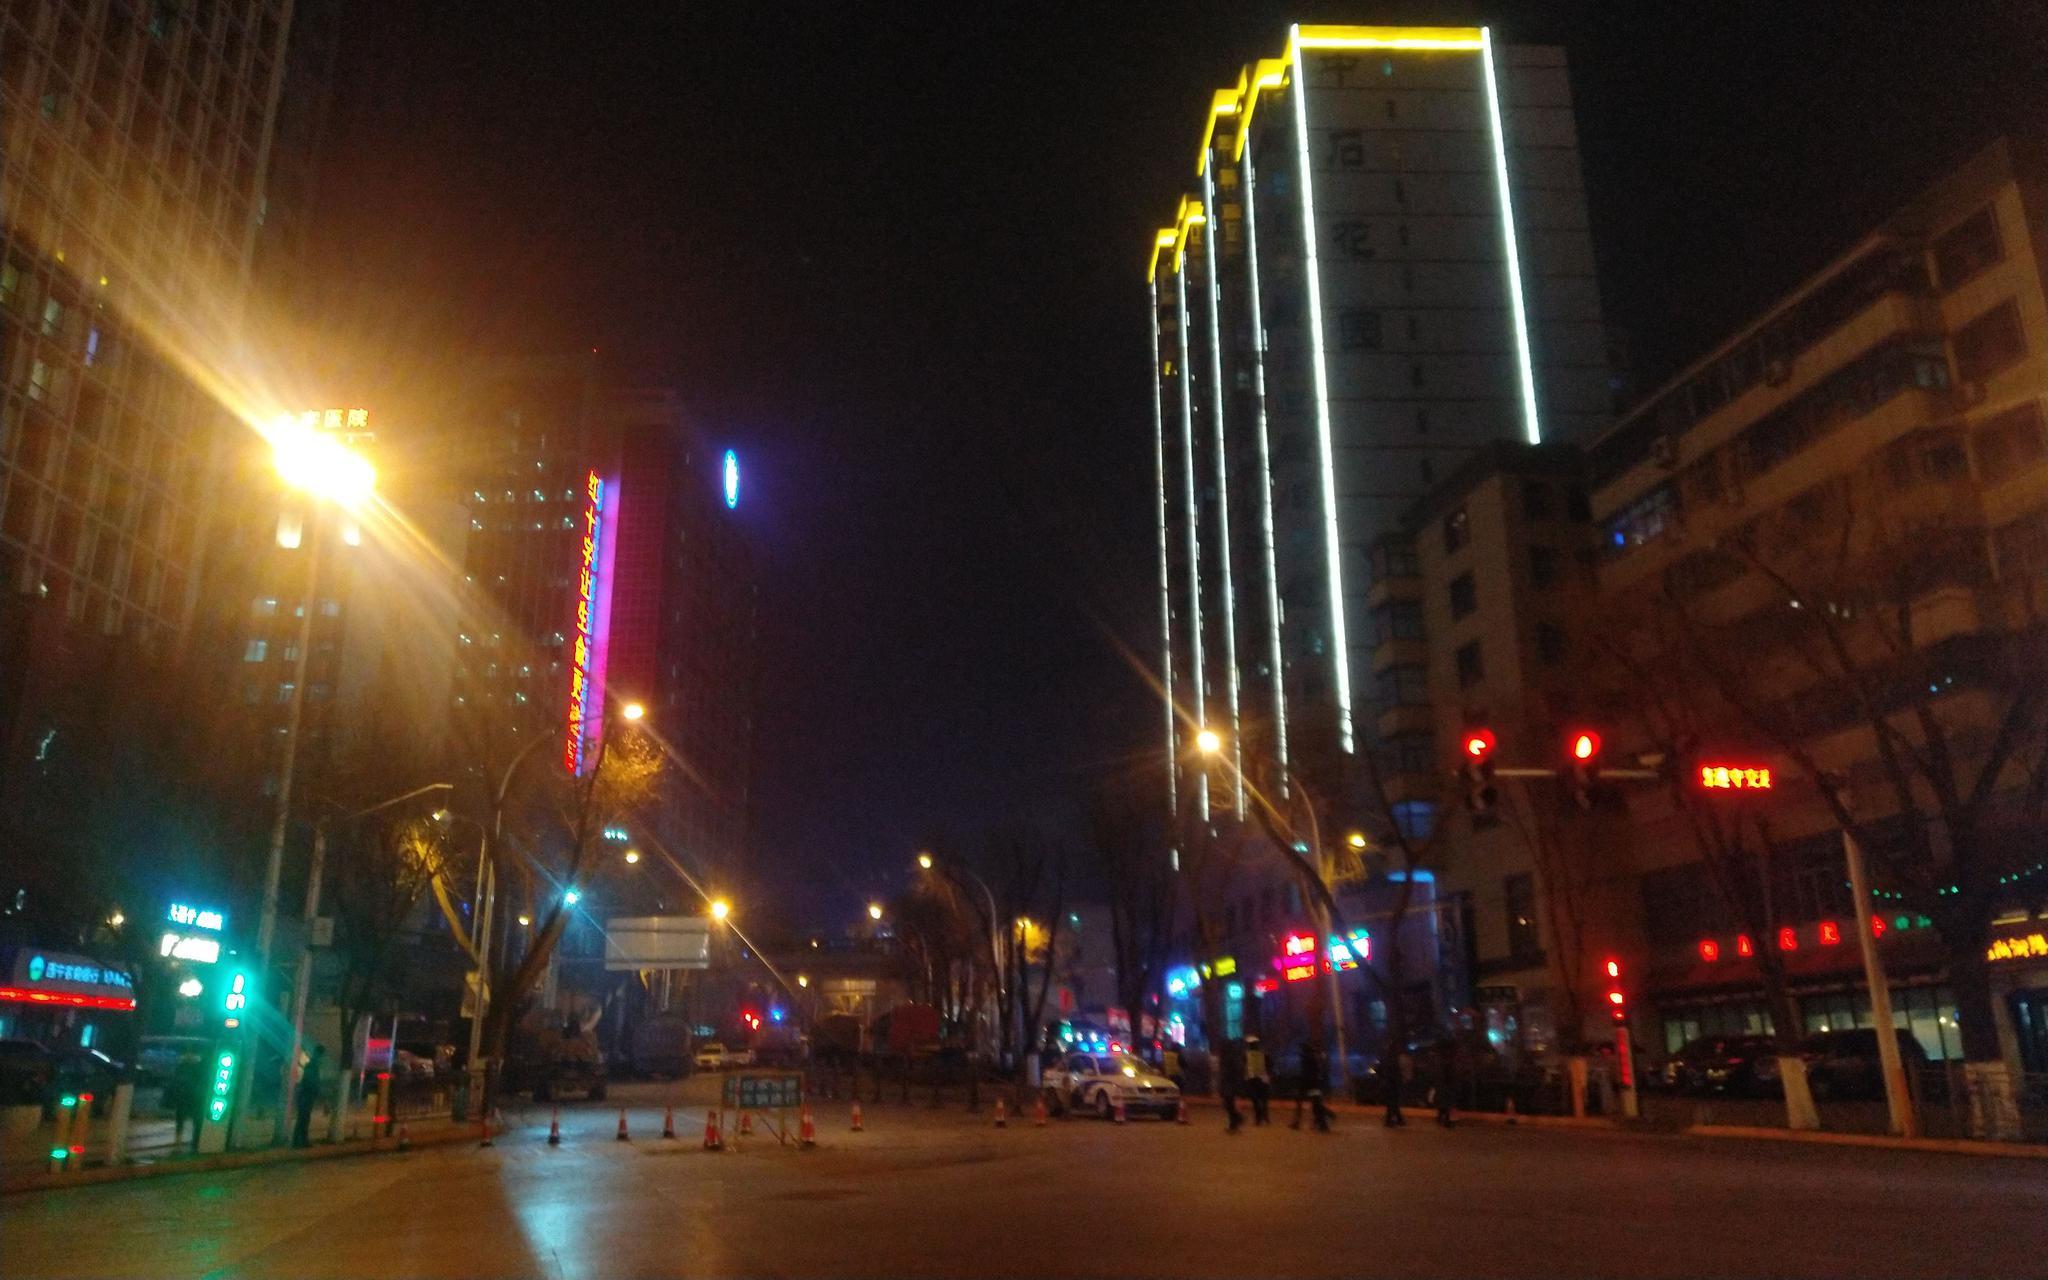 1月16日晚,事发路段仍在进行交通管制。 新京报记者 张惠兰 摄